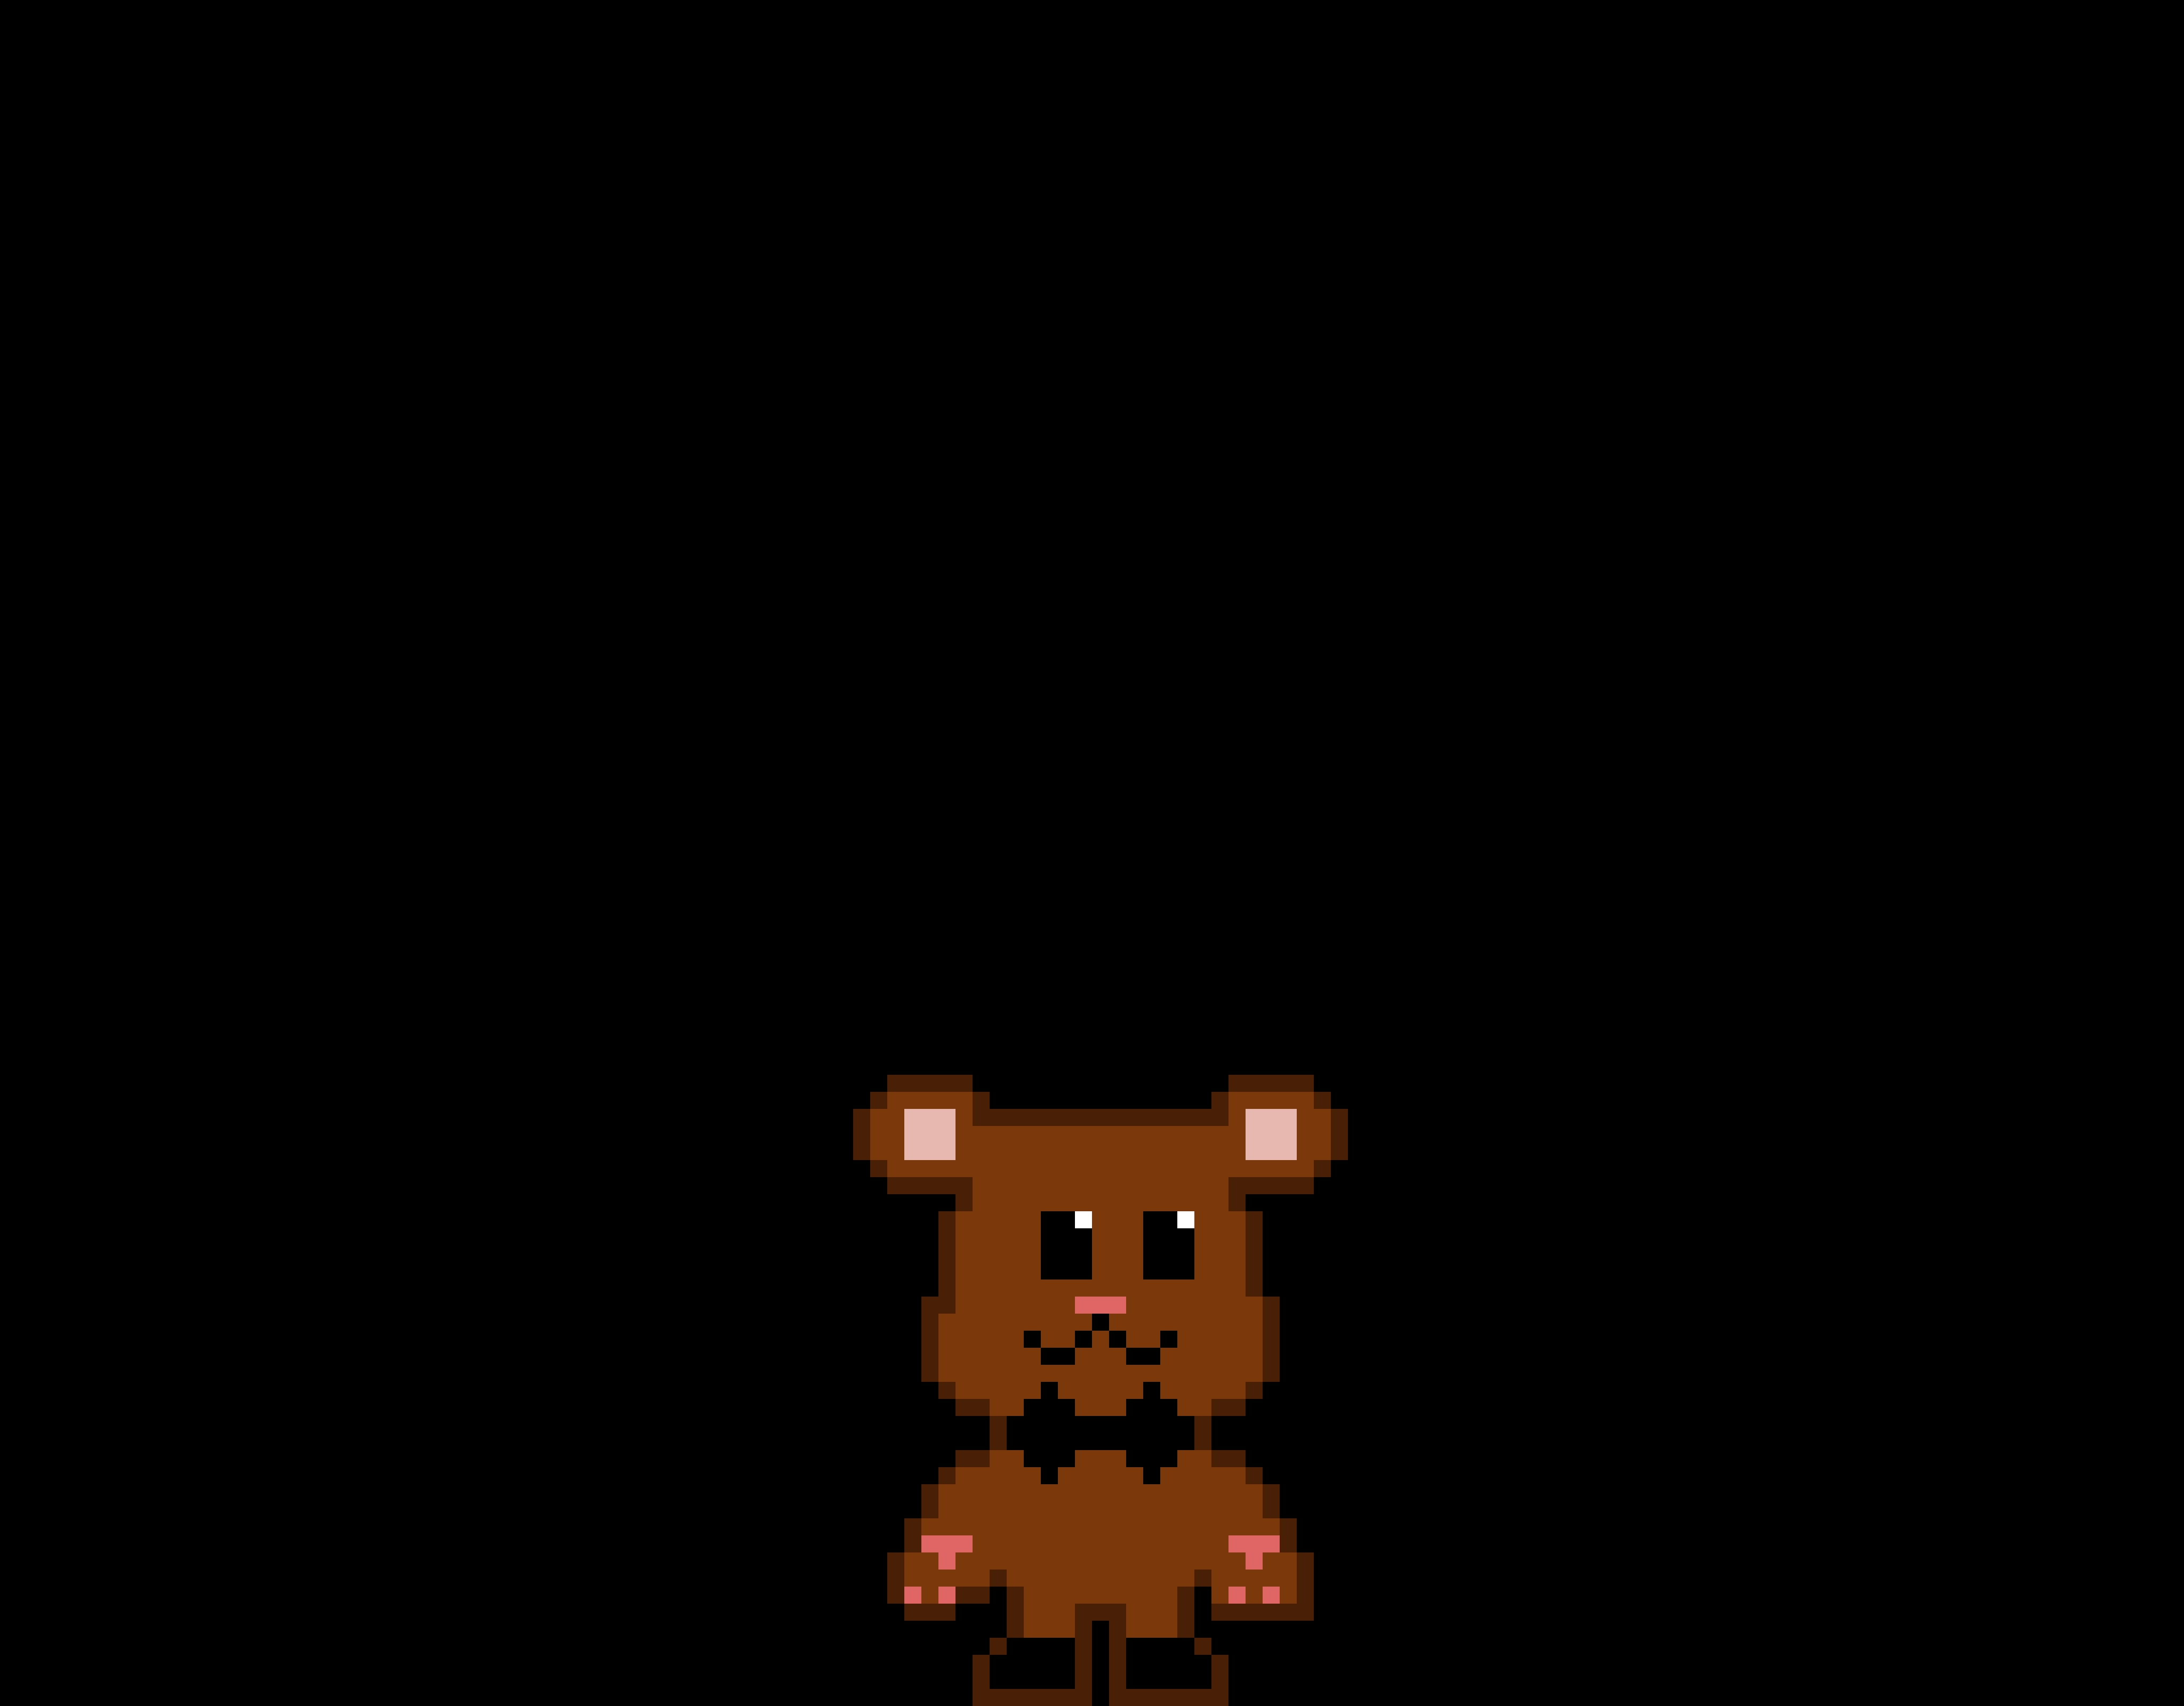 Freddy plush/chris's teddy/ crying child's teddy.